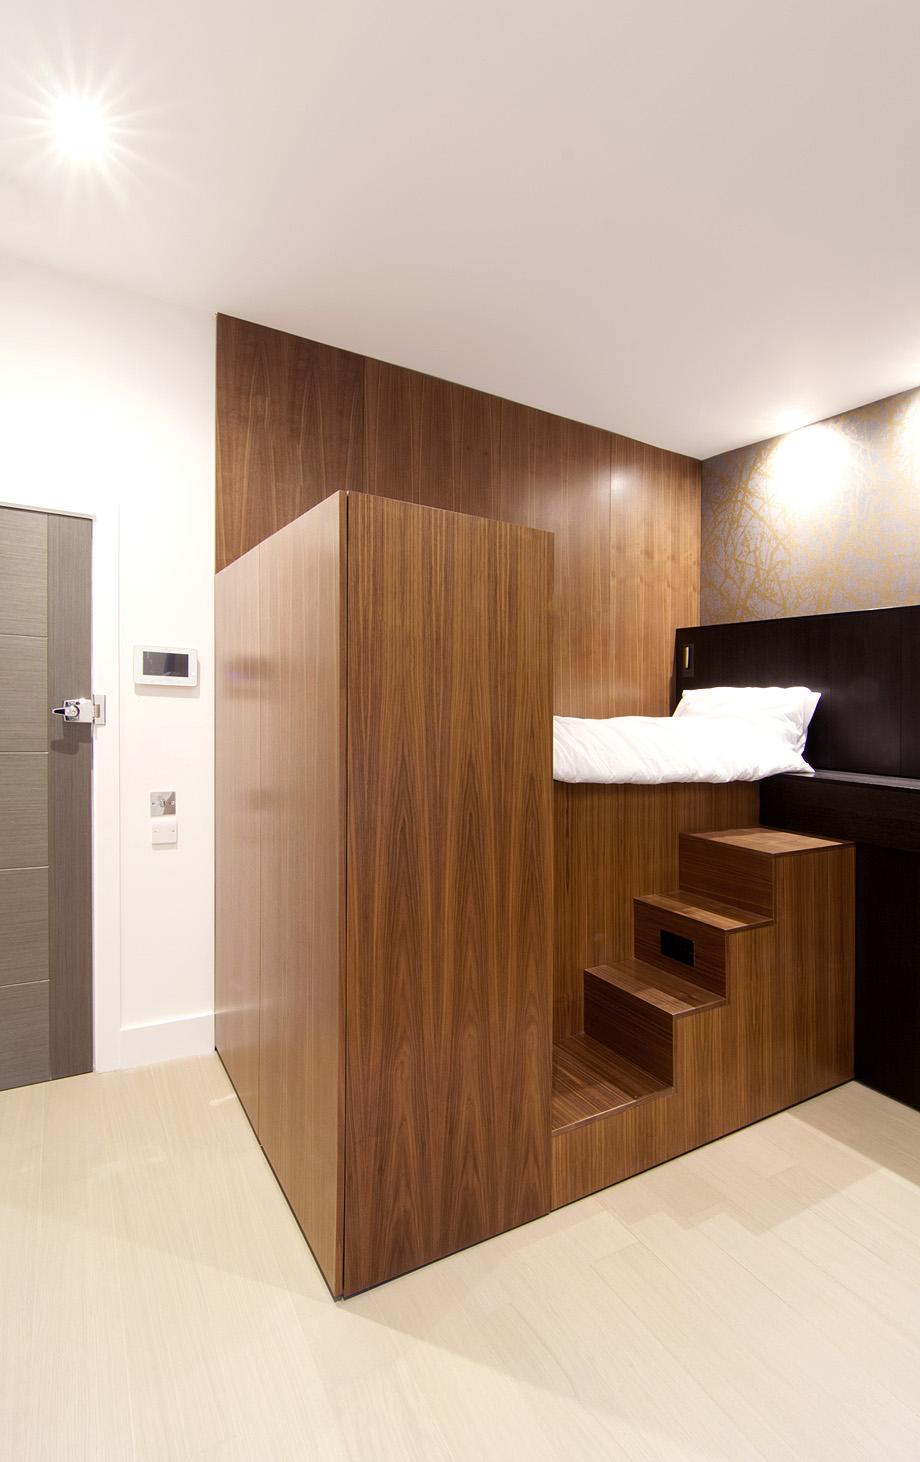 diseño interior de 18 micro-apartamentos en londres por laura encinas - foto laura encinas (15)